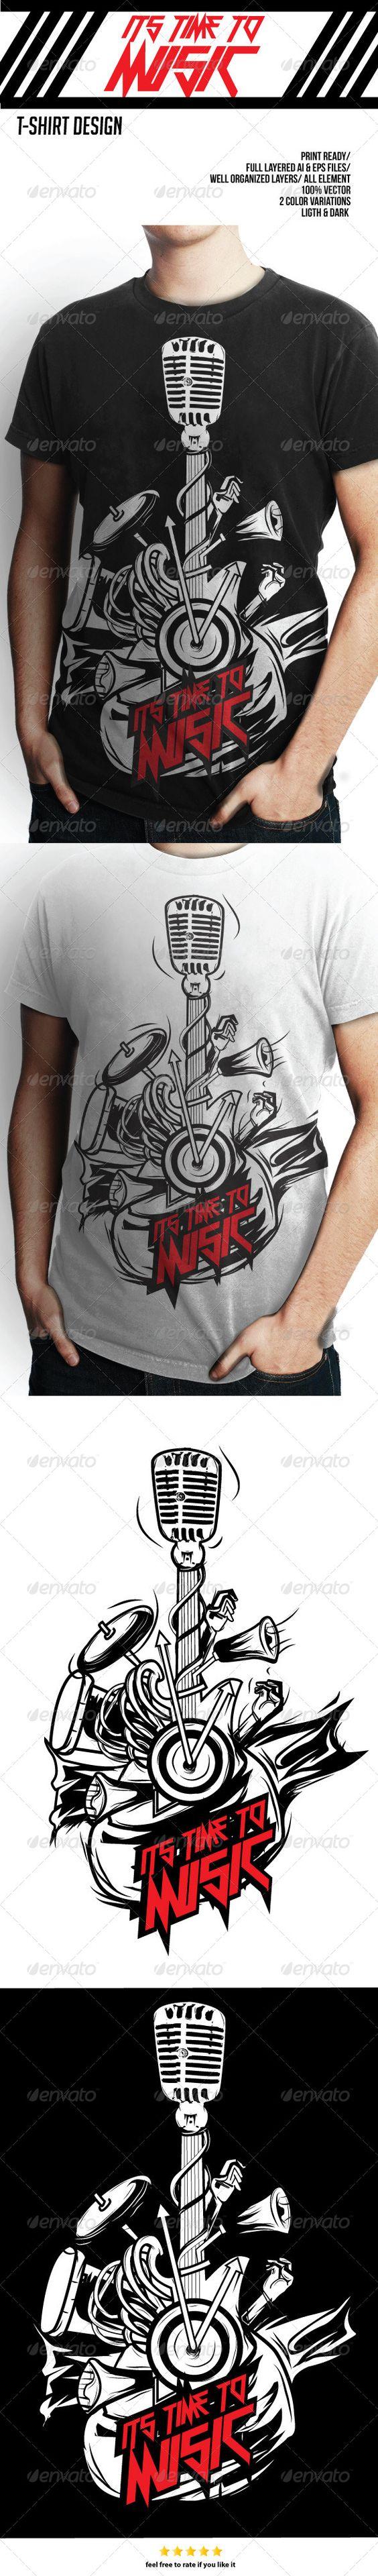 Shirt design jquery - Download Https Jquery Re Article Itmid 1008333144i